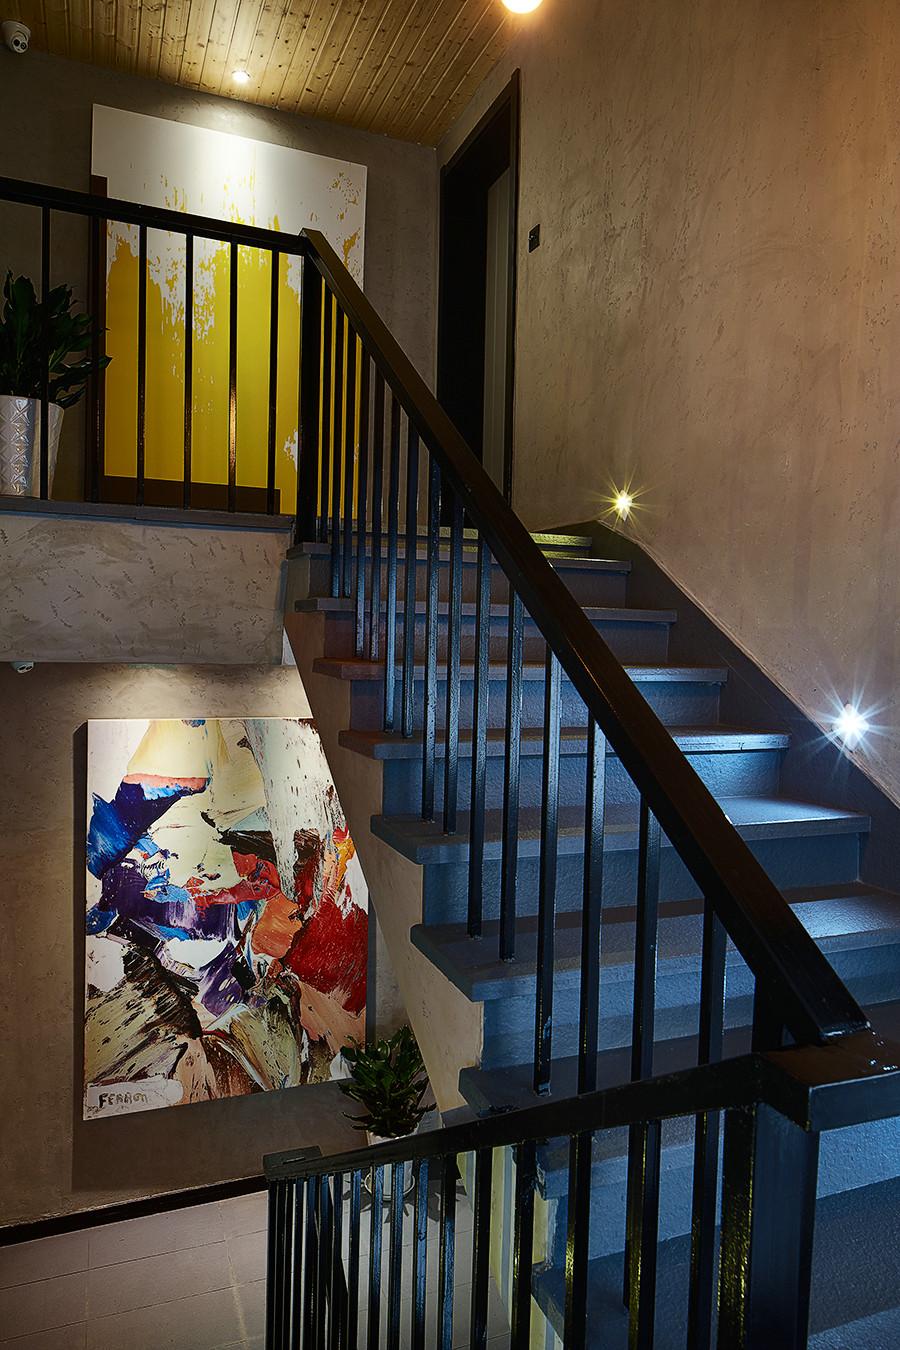 混搭 别墅 80后 楼梯图片来自上海倾雅装饰有限公司在初夏的时光的分享